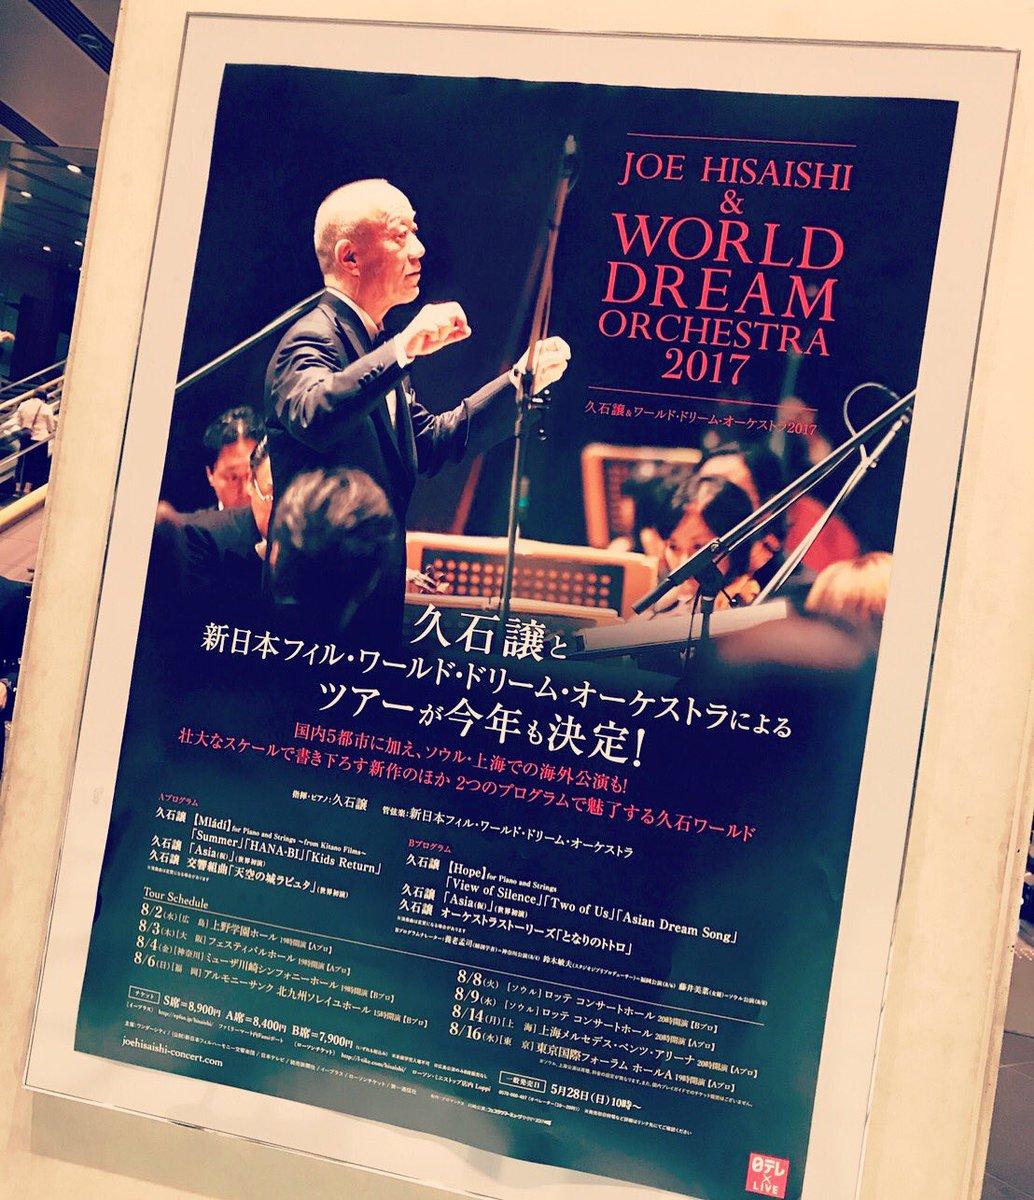 今日は久石譲さんのコンサートに行ってきました✨そして久しぶりに吉田真弓ちゃんに会ったぁ(〃ω〃)💛Vキングダムは、もう1